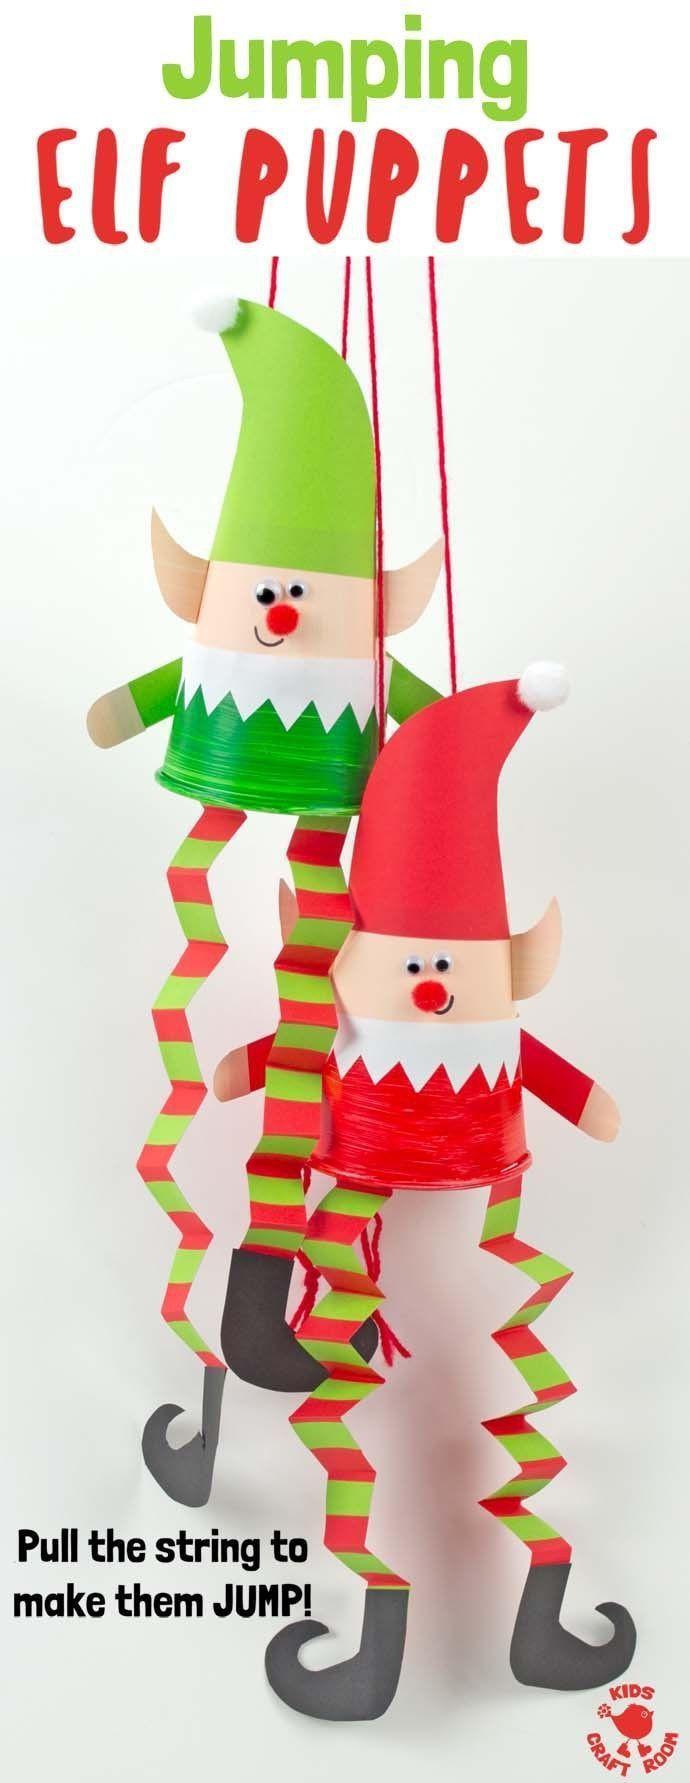 Dieses Jumping Paper Cup Elf Puppet Craft macht so viel Spaß. Zieh die Schnur um zu sehen